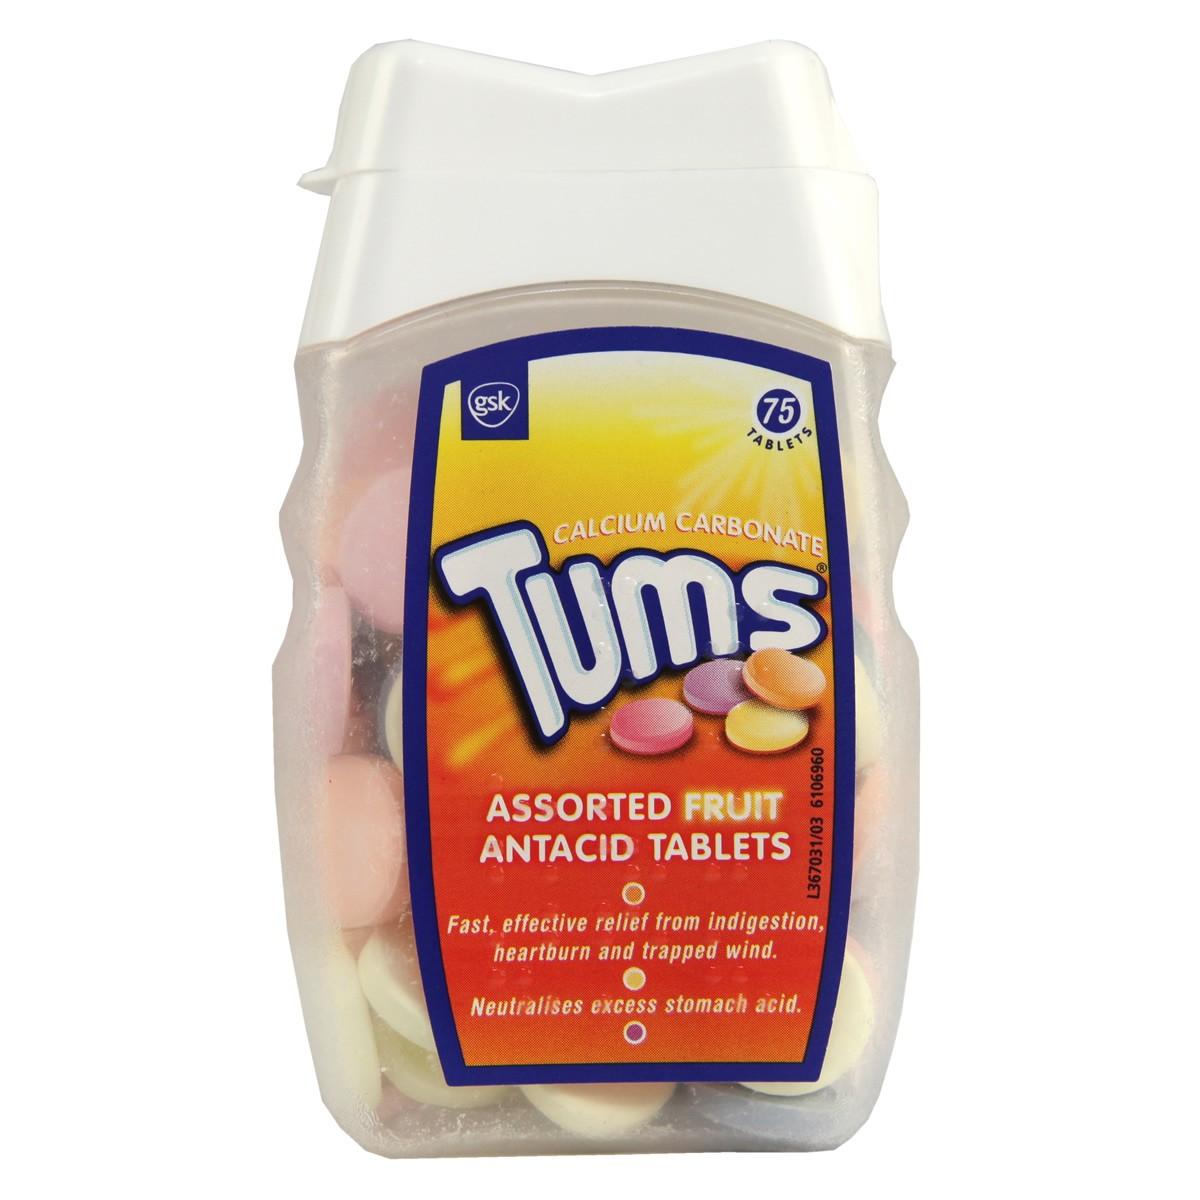 Tums Assorted Fruit Antacid Tablets